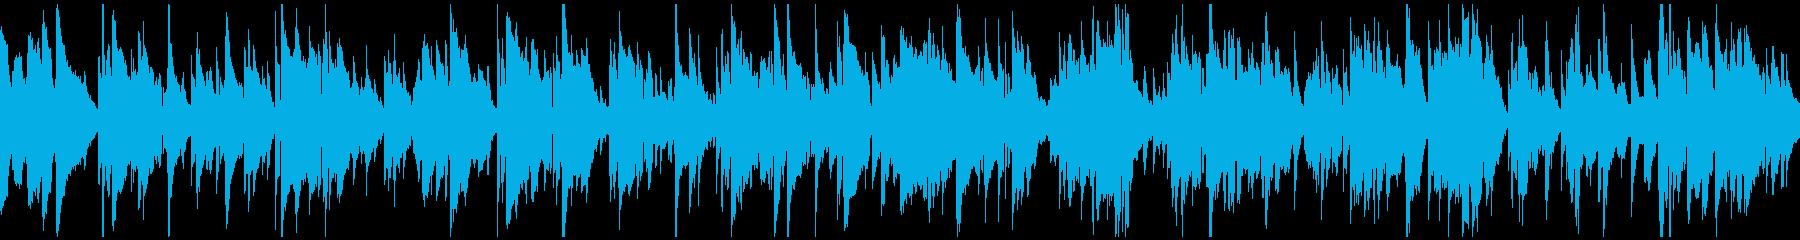 ロマンチックなサックスバラード※ループ版の再生済みの波形